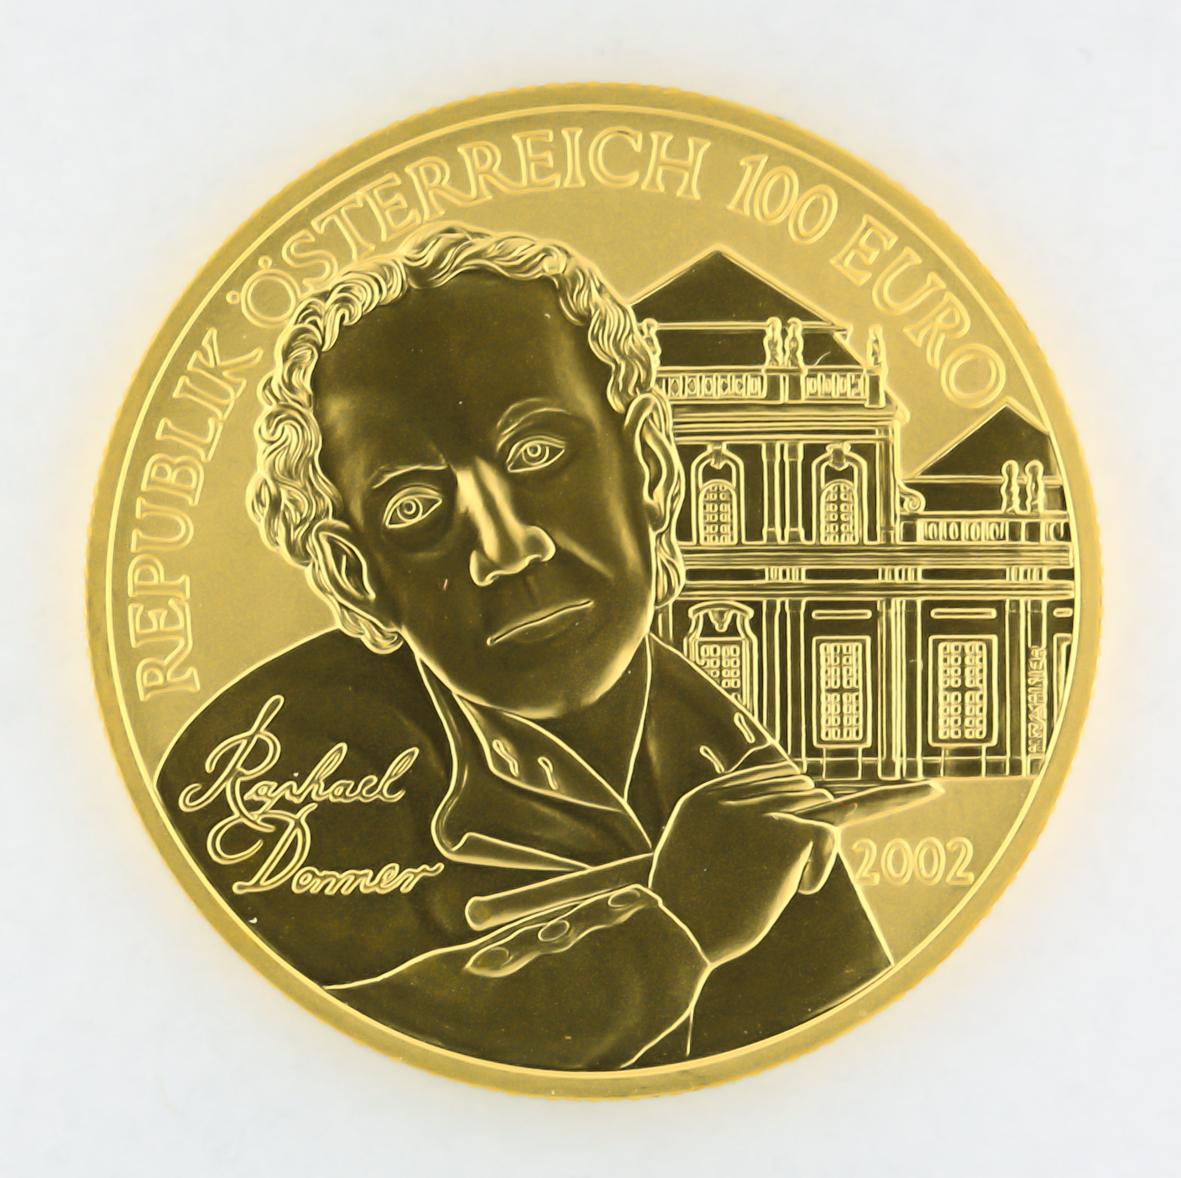 Fichierösterreich 100 Euro Goldmünze Bildhauerei 2002 Avers